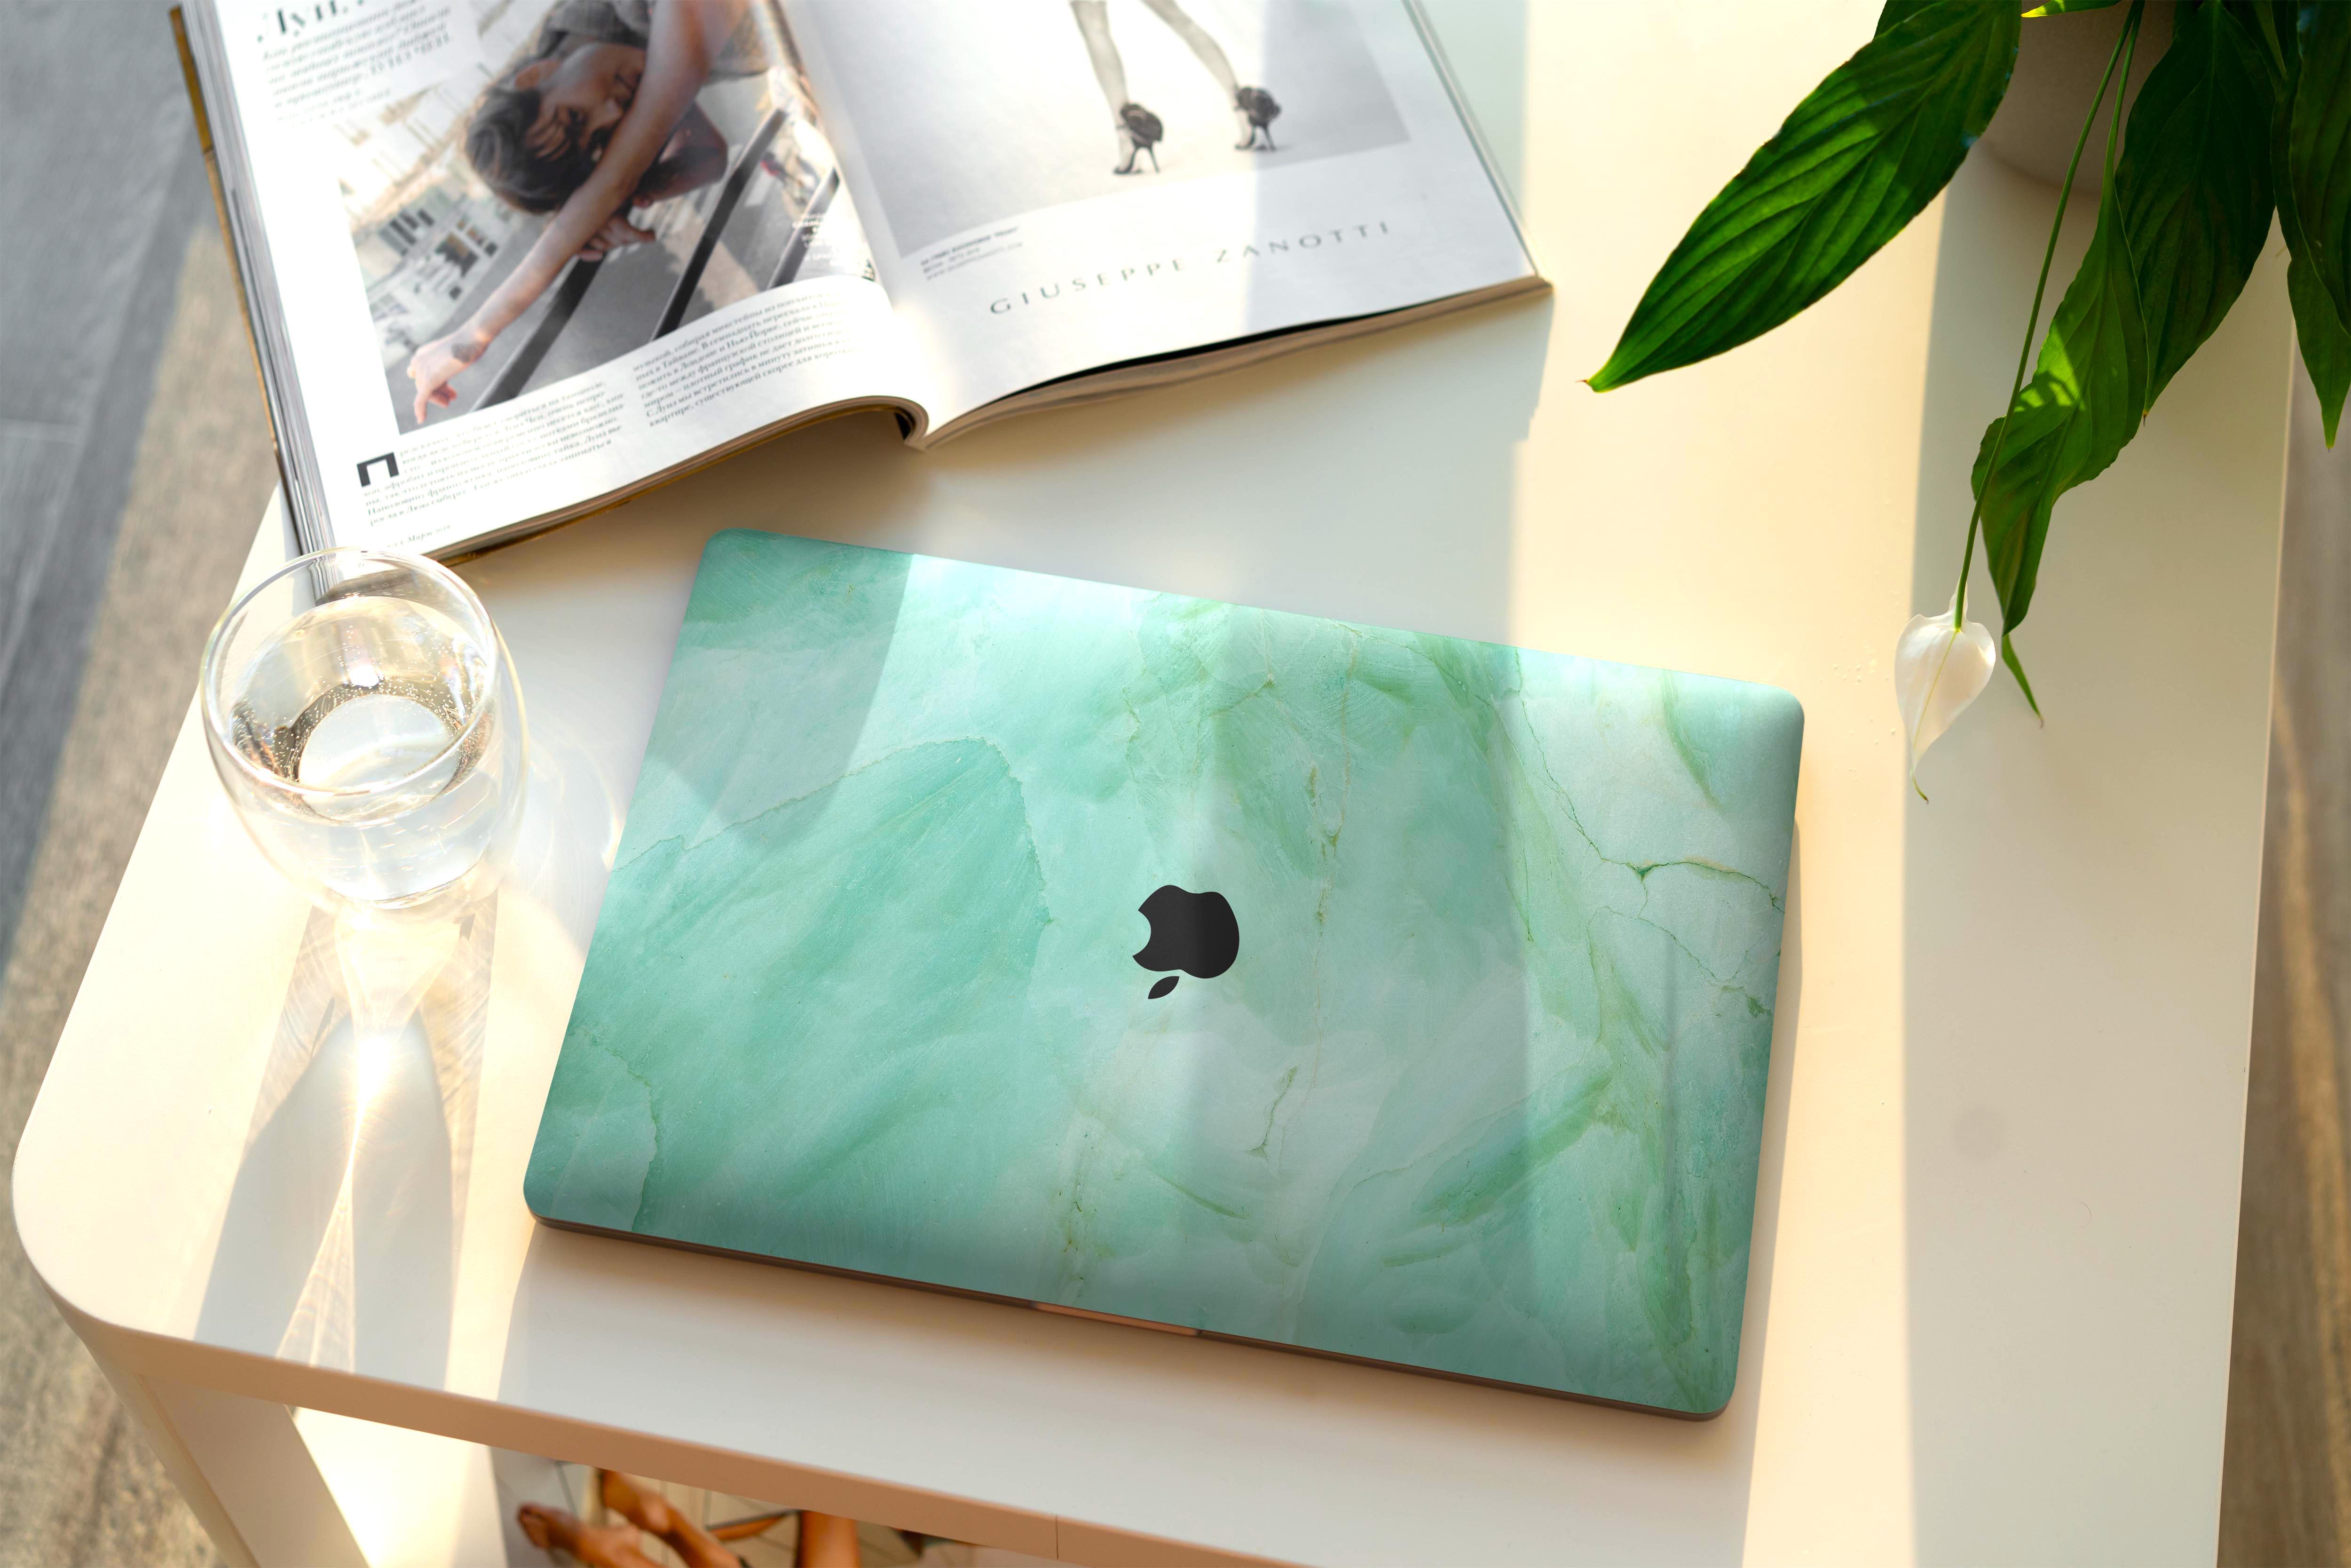 Tibisig : des coques originales pour MacBook qui vous accompagnent partout